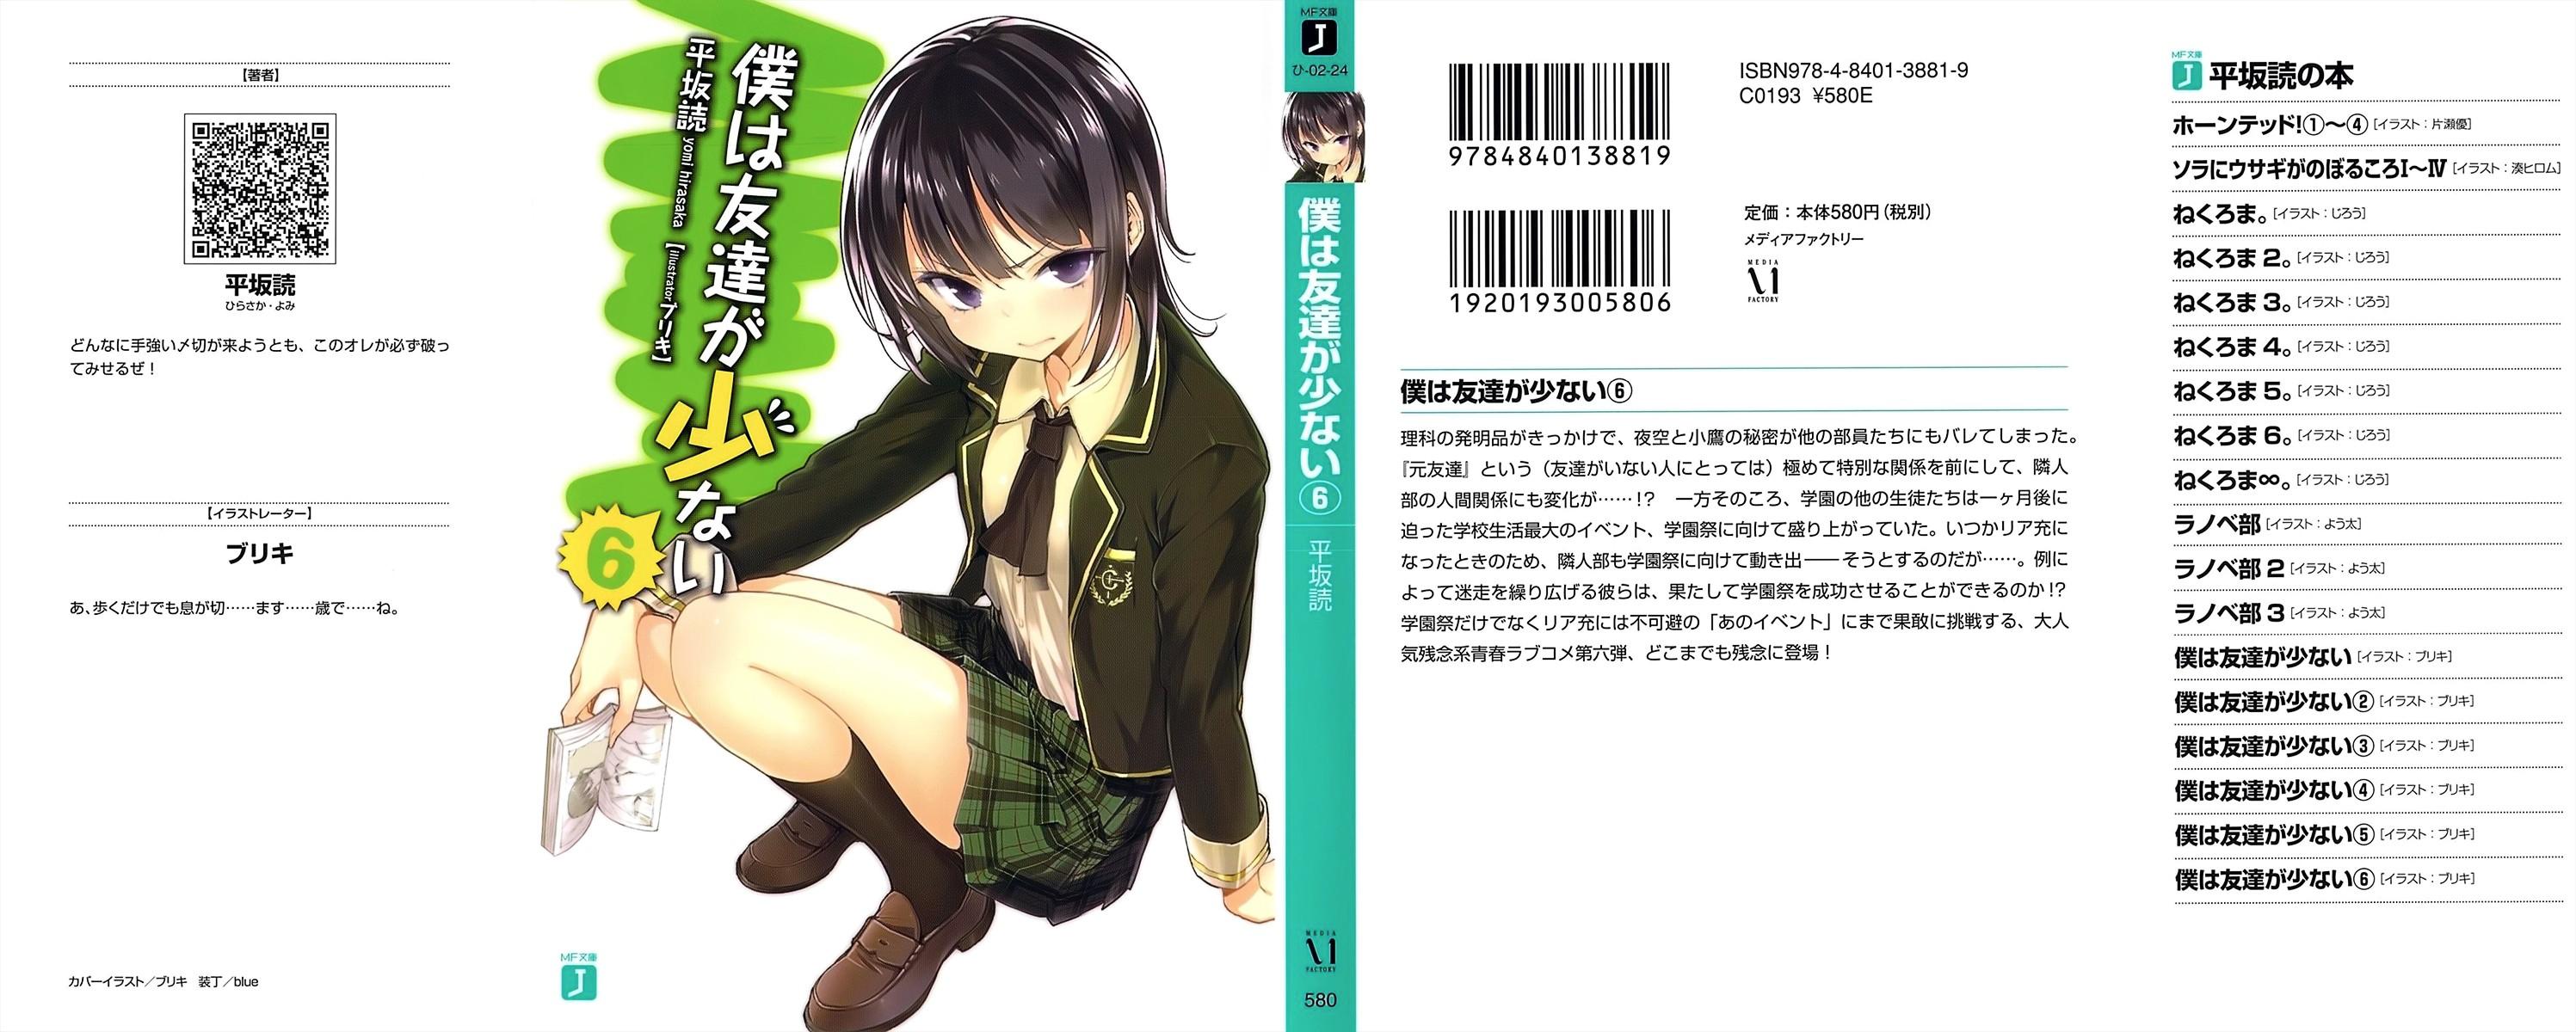 Boku wa Tomodachi ga Sukunai:Tập 6 Illustration